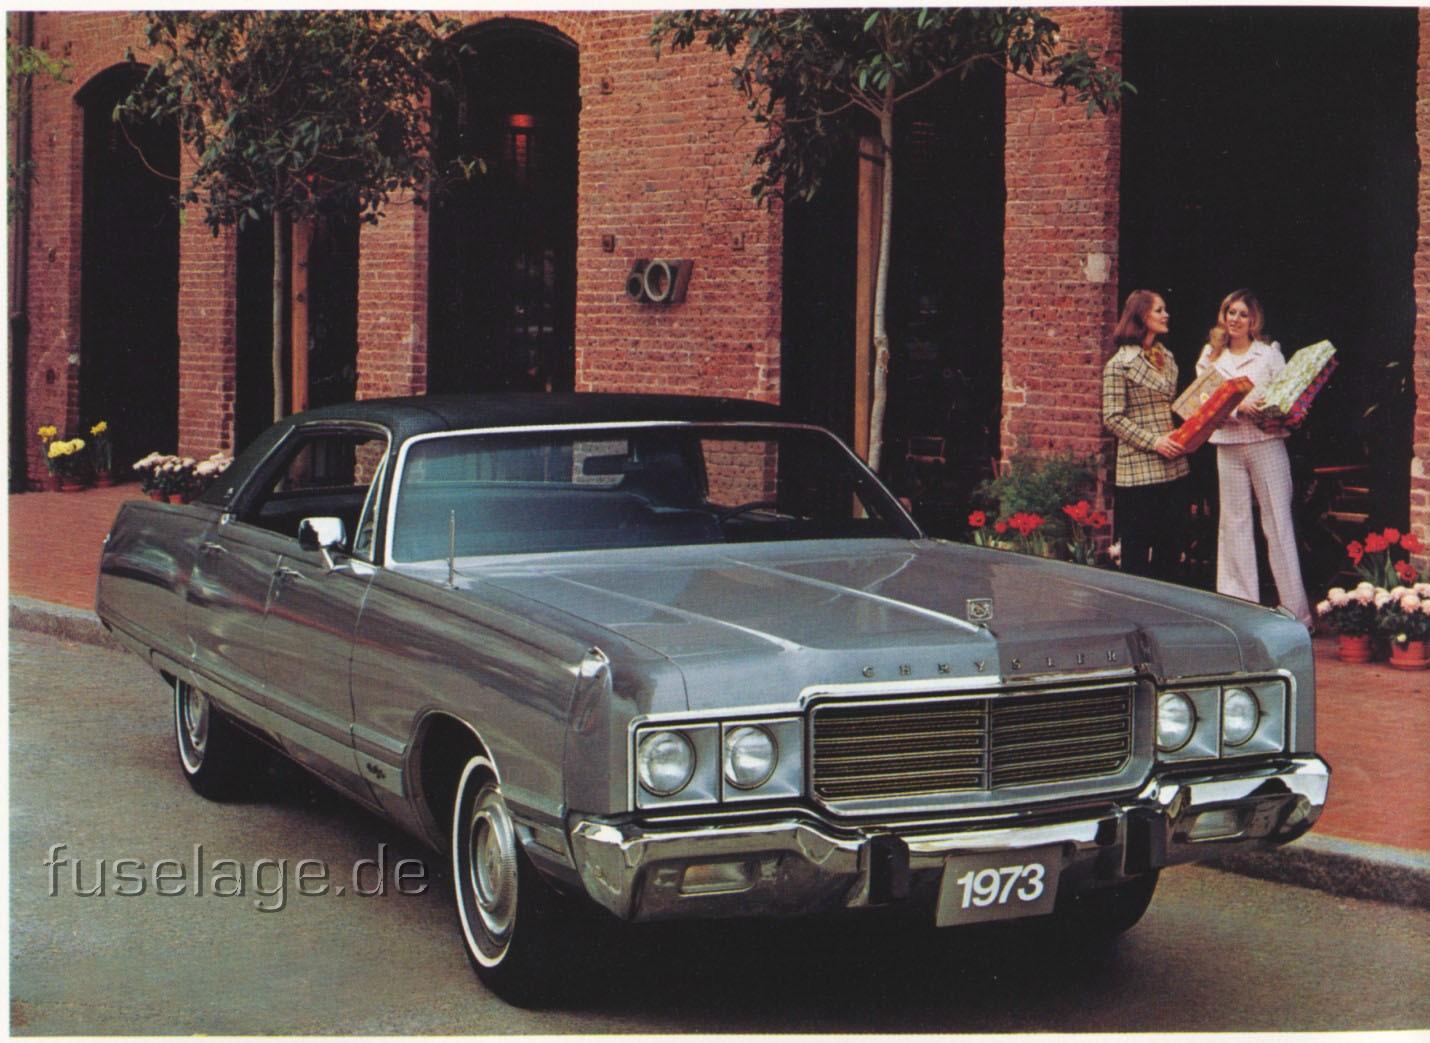 1973 Chrysler